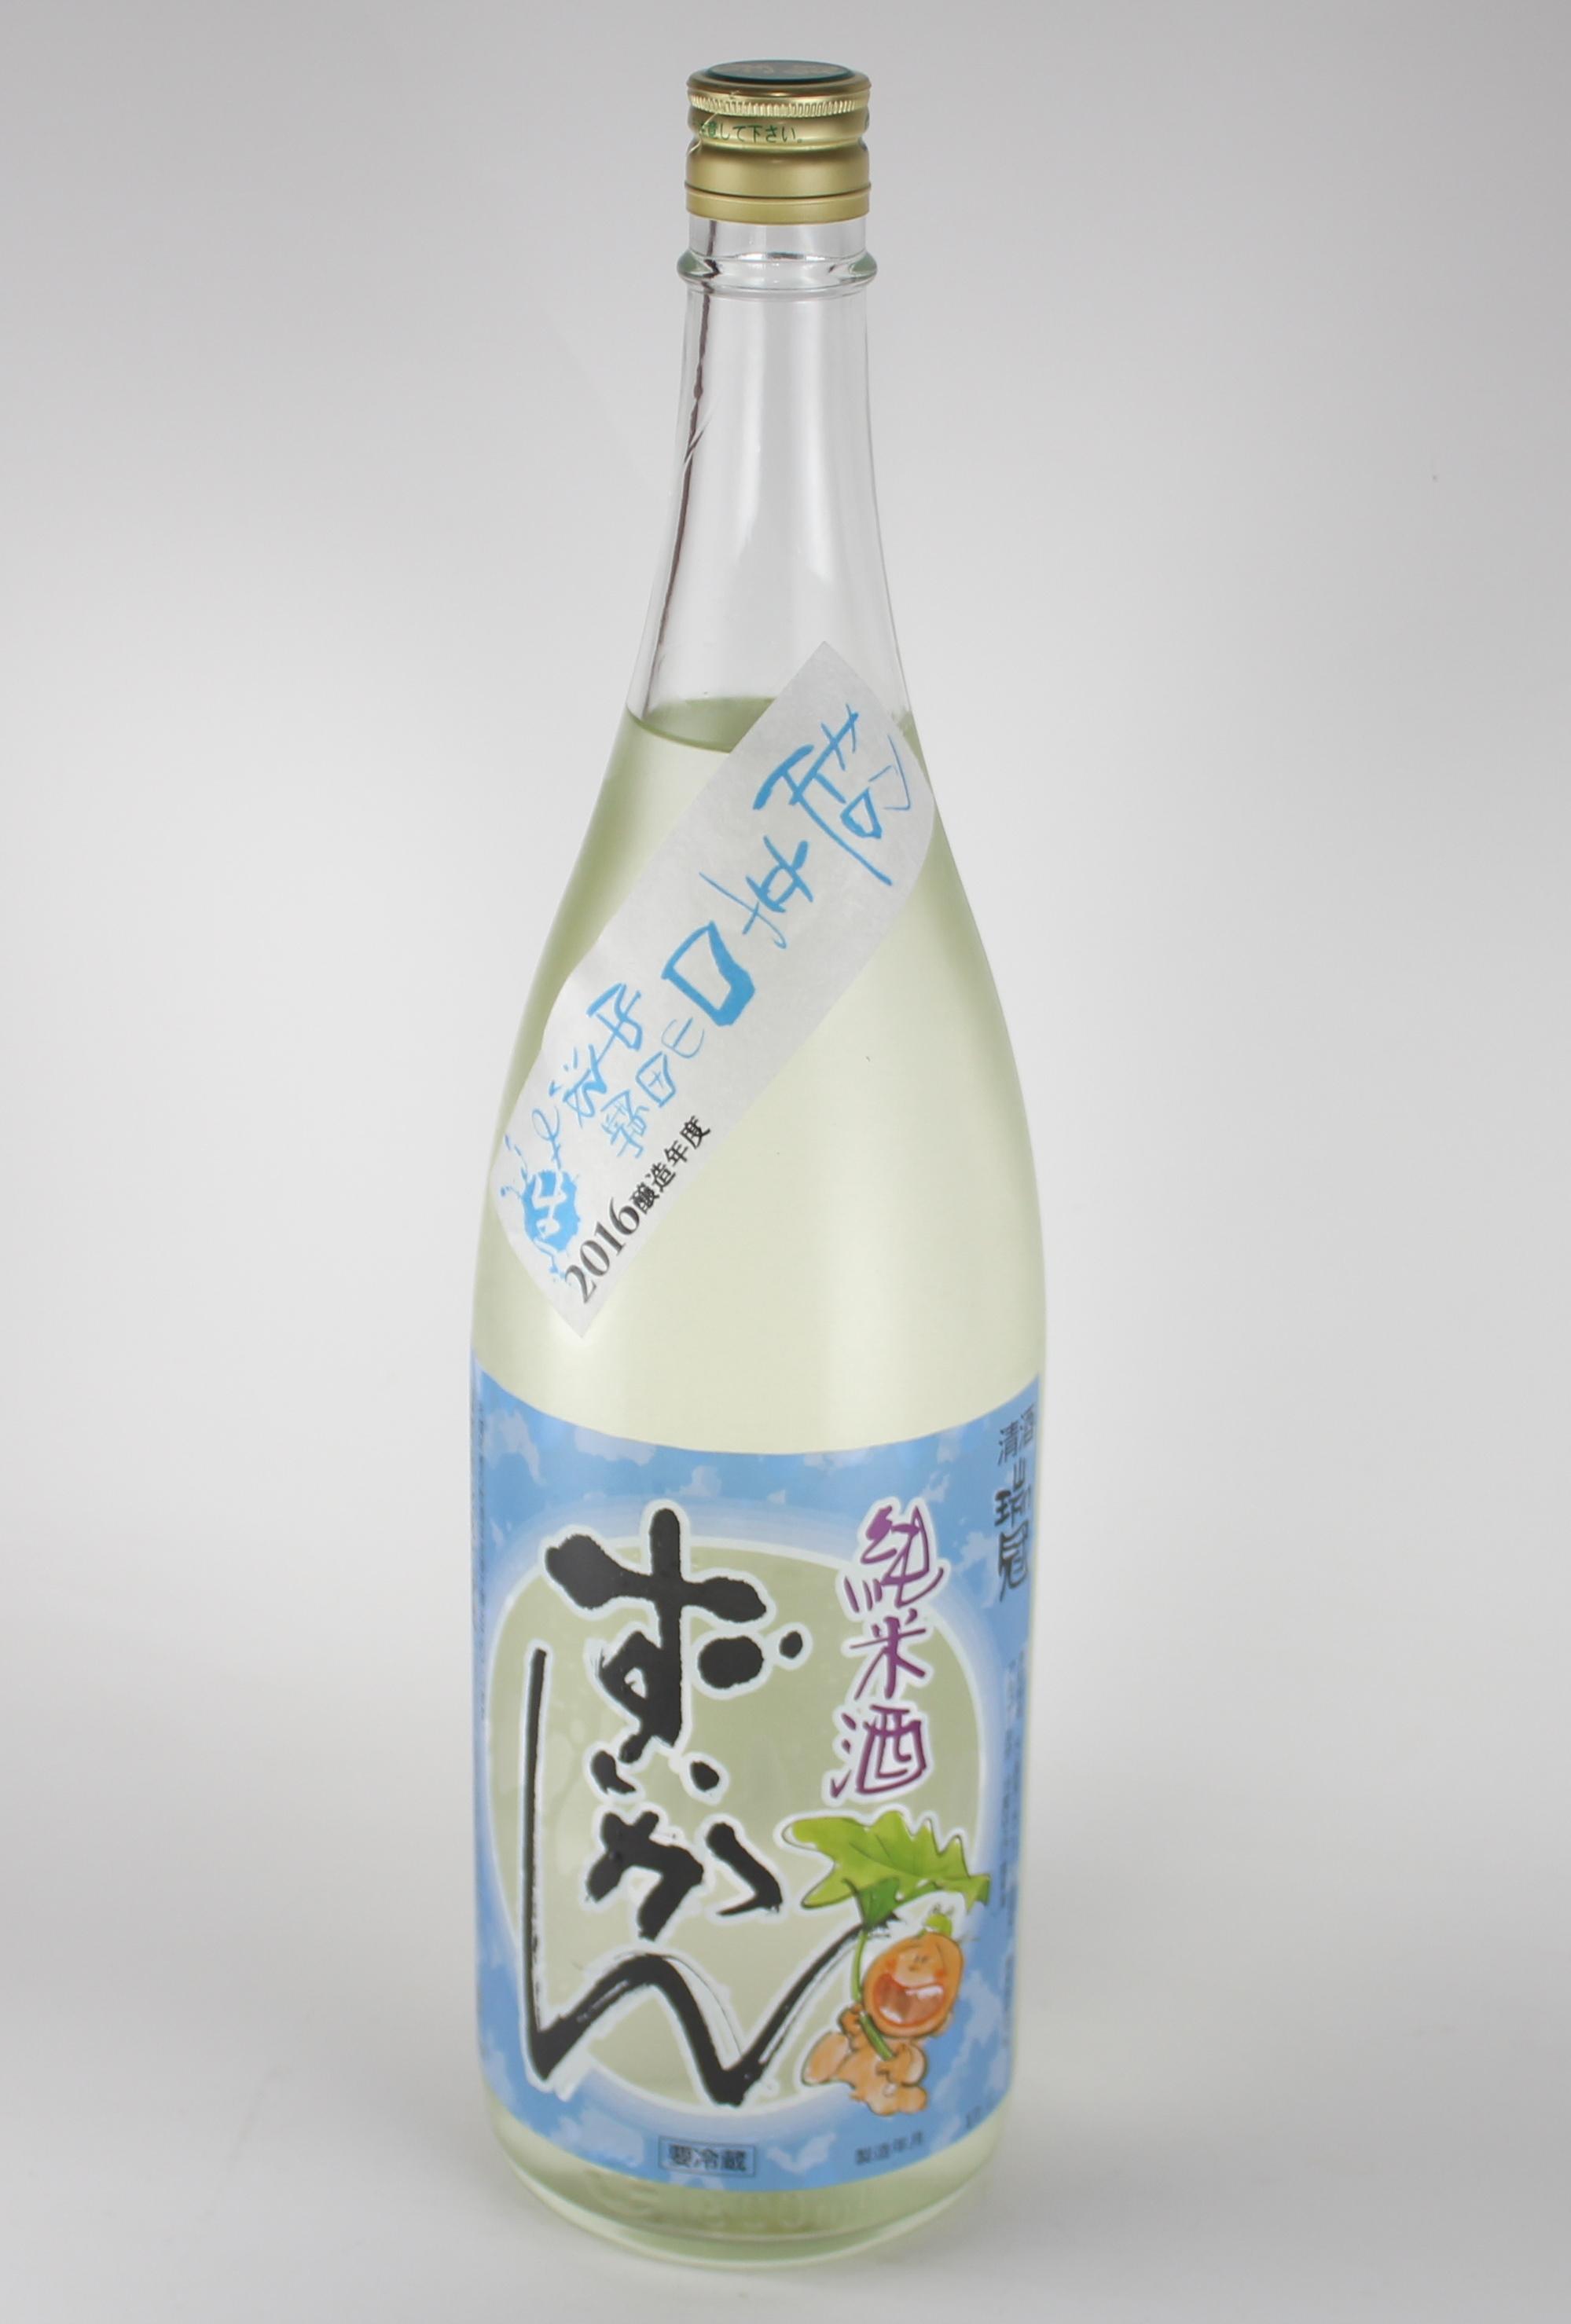 瑞冠 純米中汲み生原酒 山田錦70 1800ml 【広島/山岡酒造】